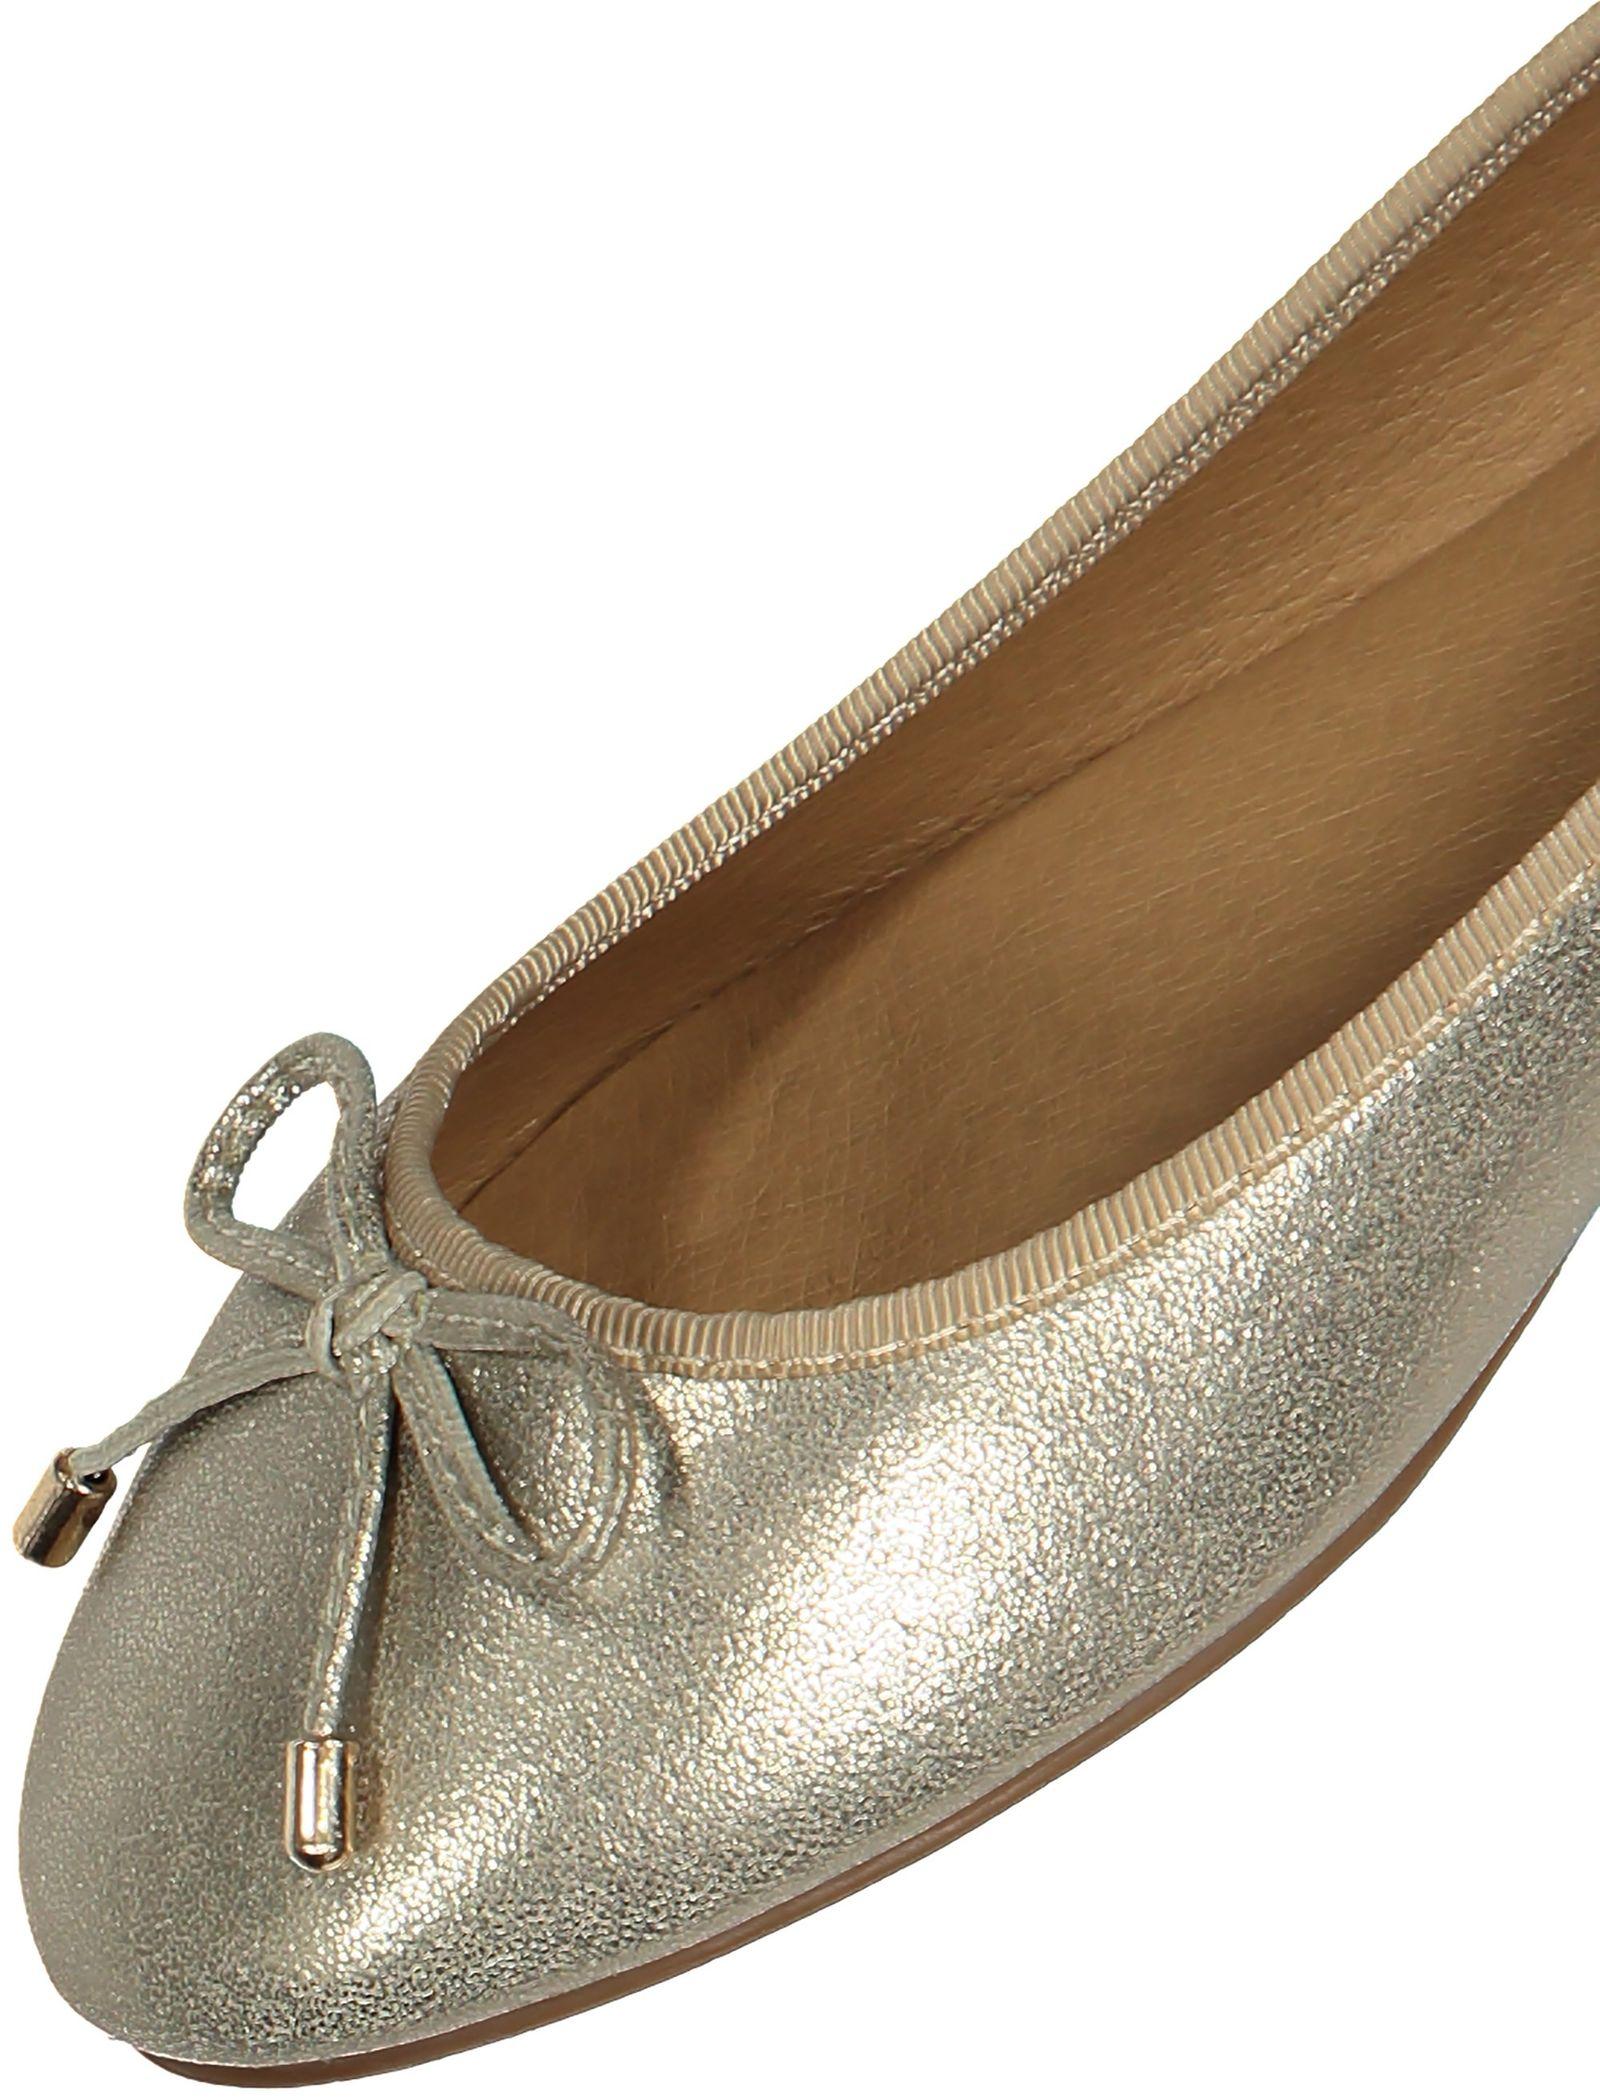 کفش تخت زنانه - پارفوا - طلايي روشن - 6